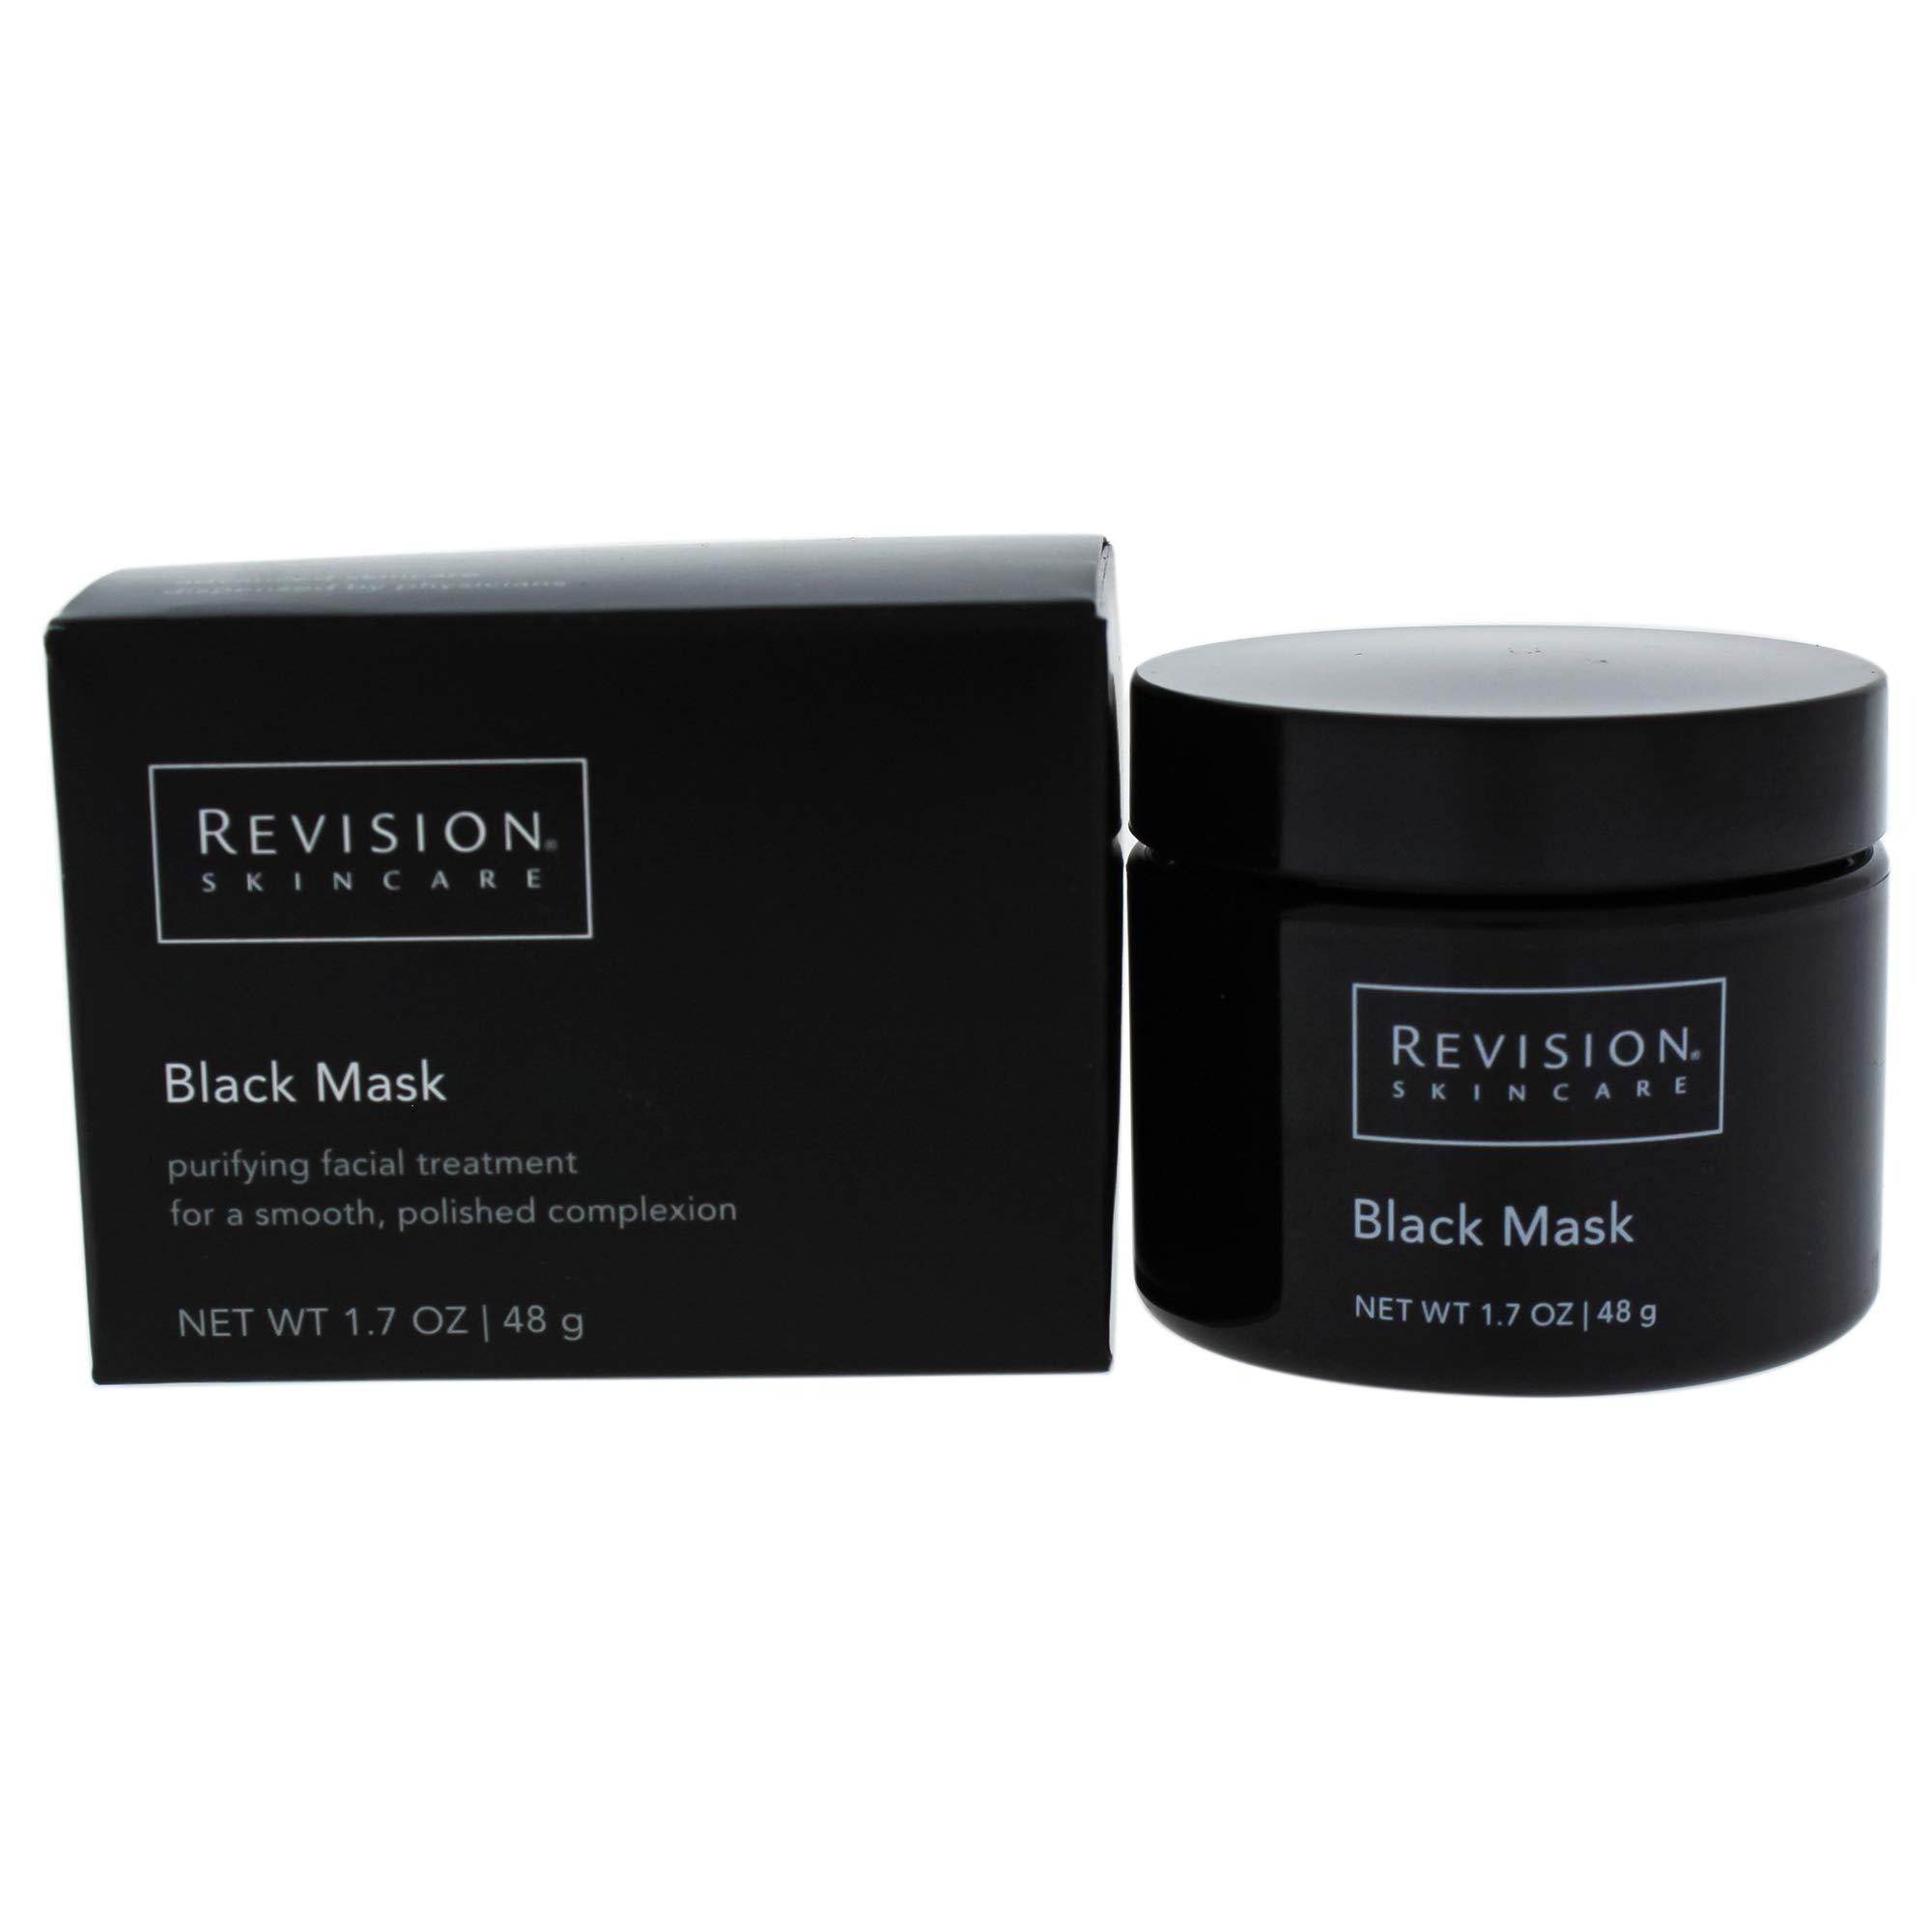 Revision Skincare Black Mask, 1.7 oz